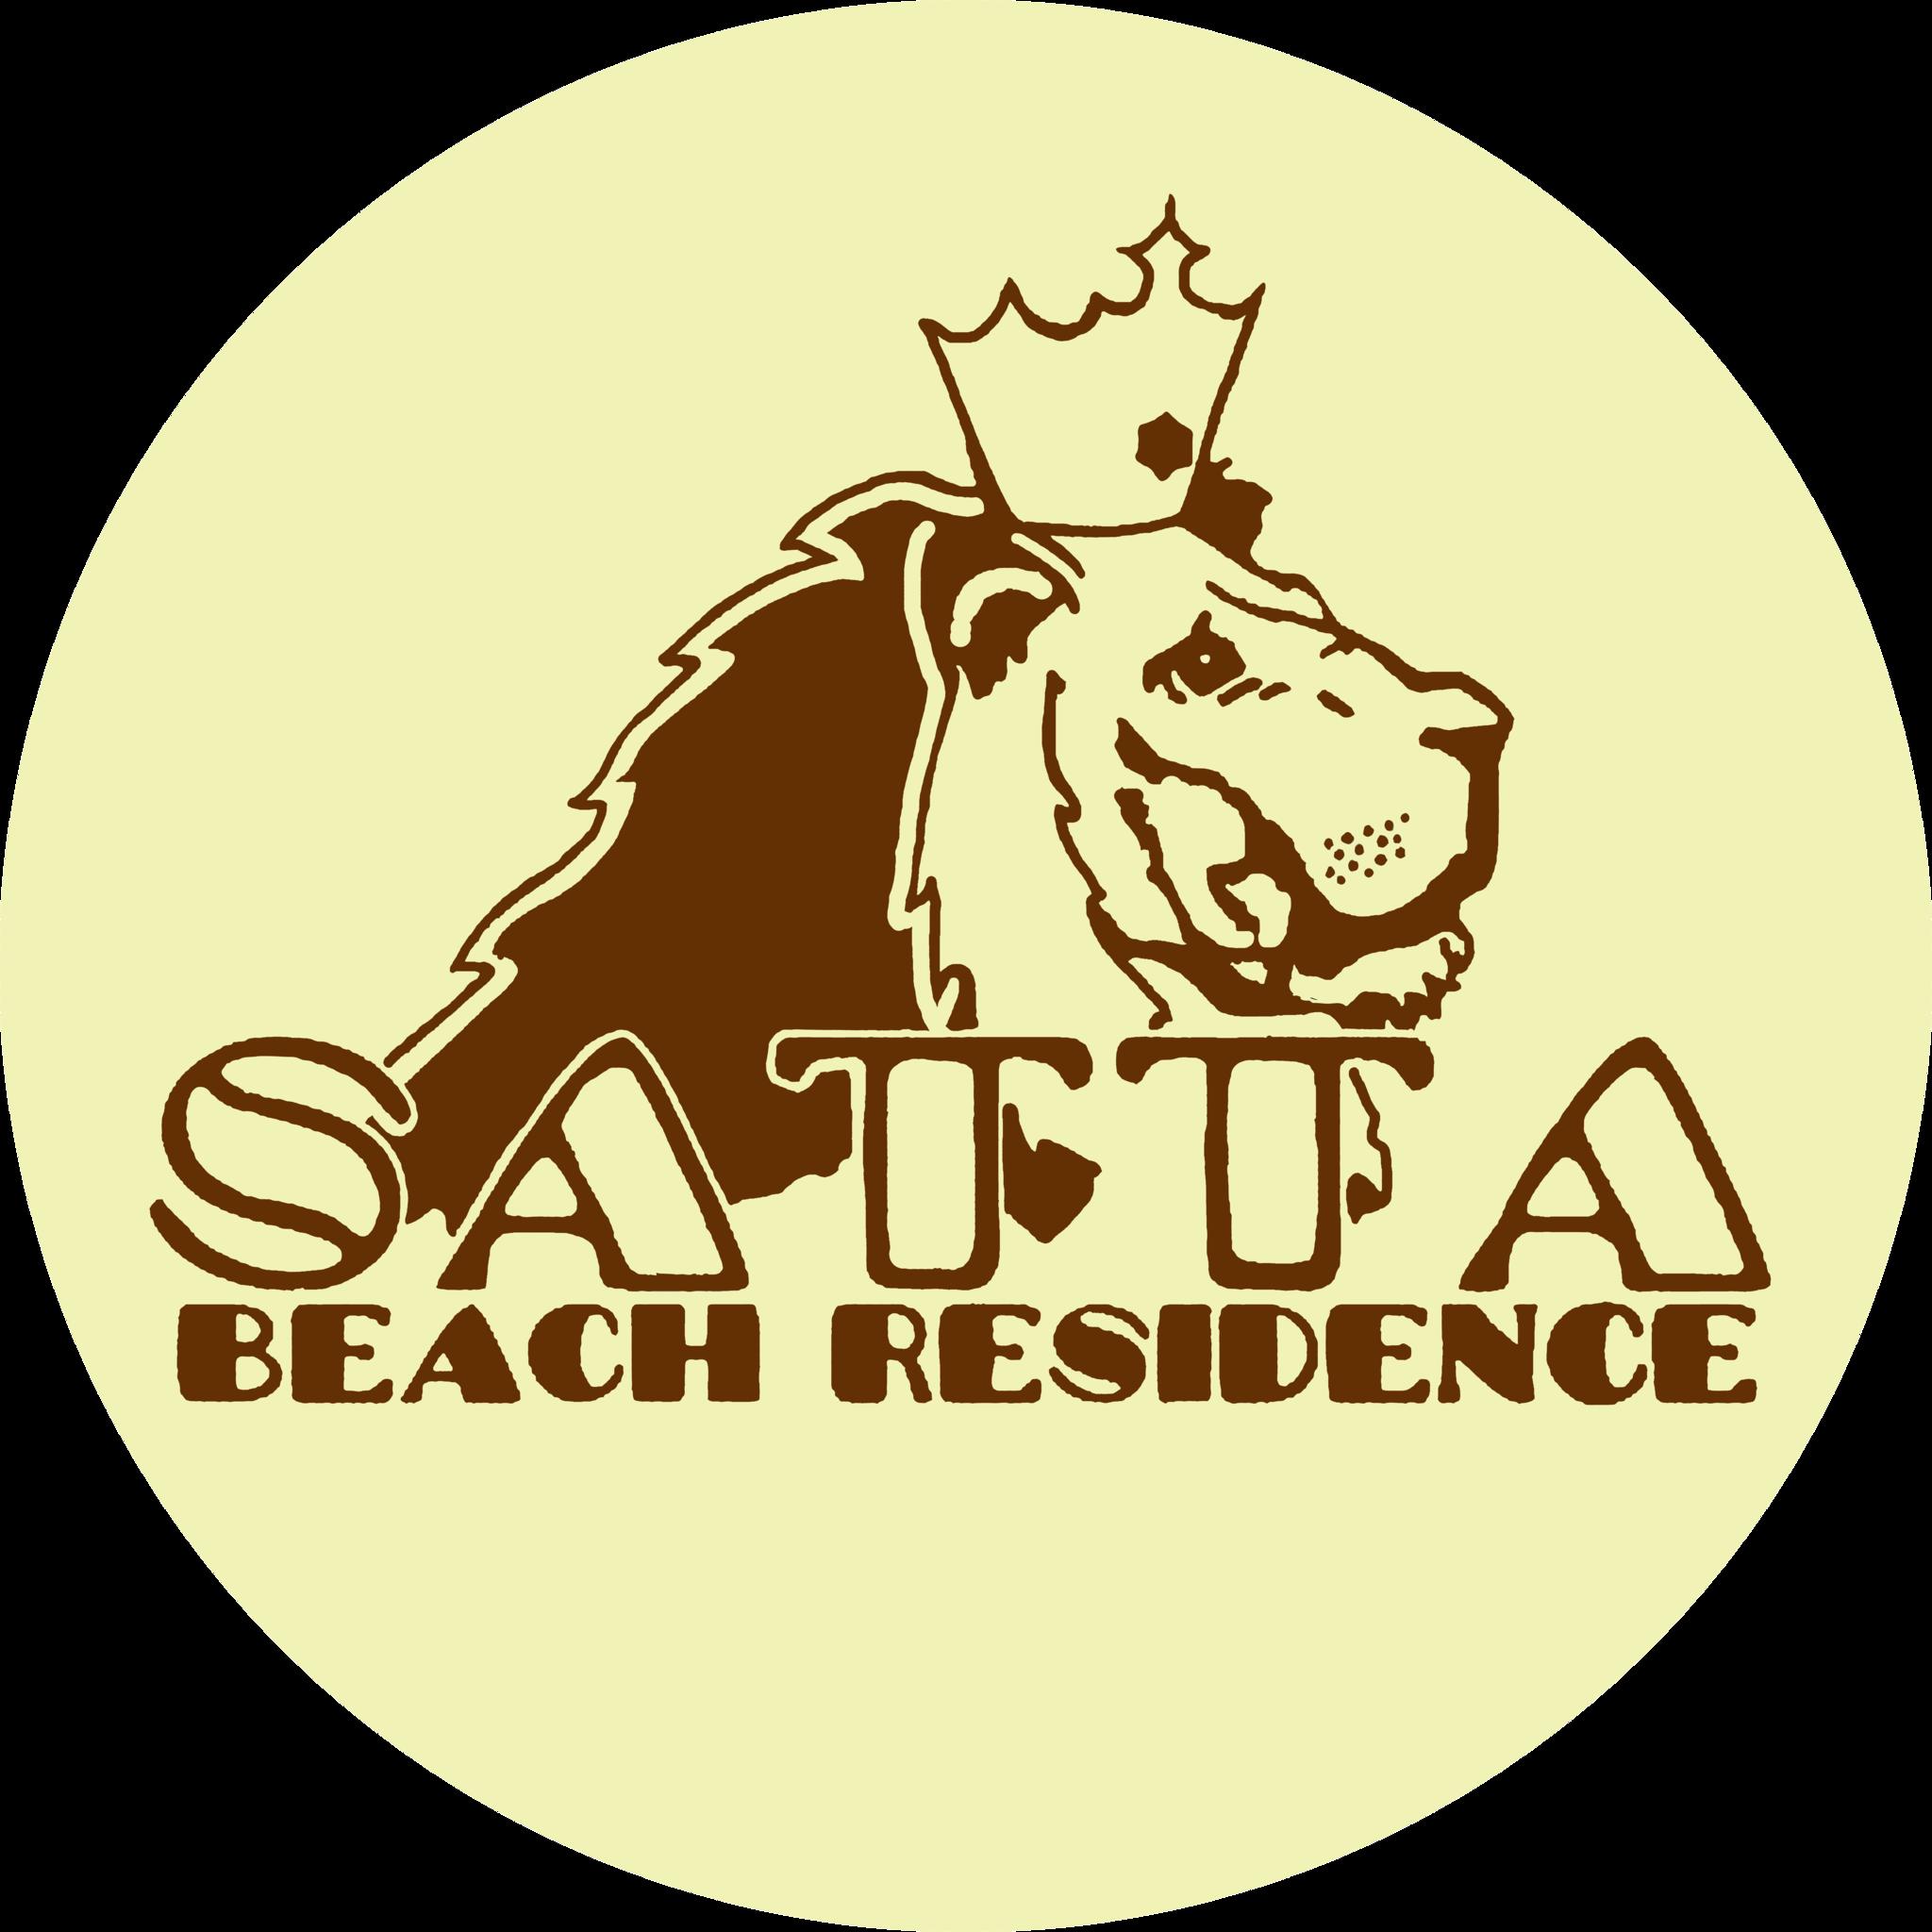 萨塔海滩酒店